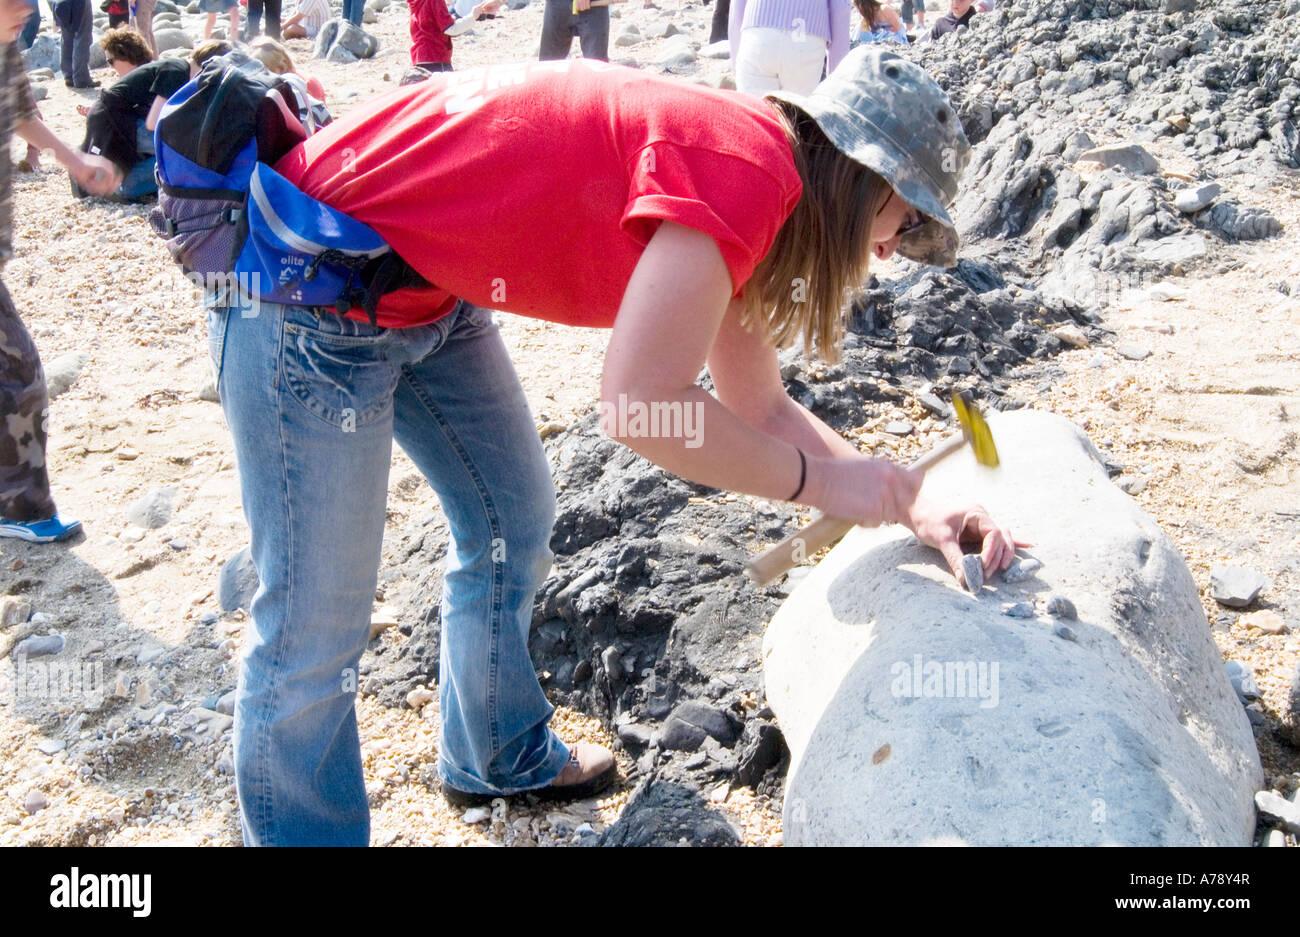 Fissuration des roches, géologue amateur probablement ouvert à la recherche de fossiles le long de la Photo Stock